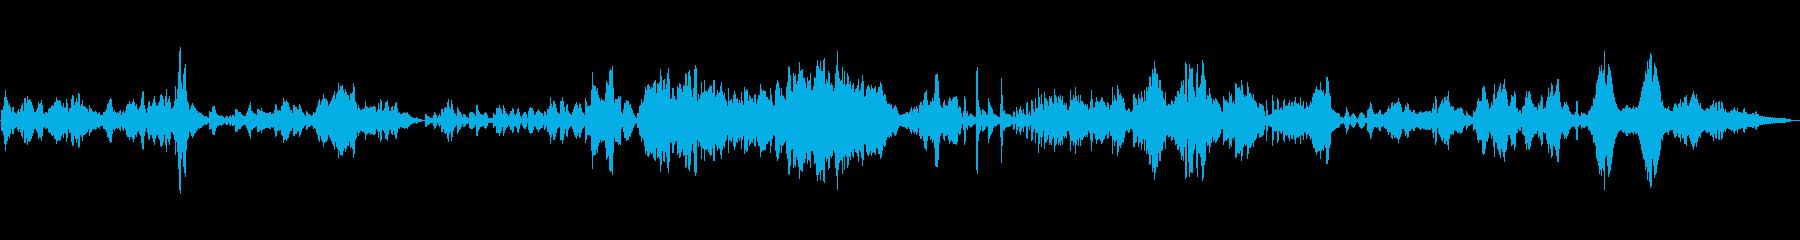 ドヴォルザーク作曲ソナチネ2の再生済みの波形